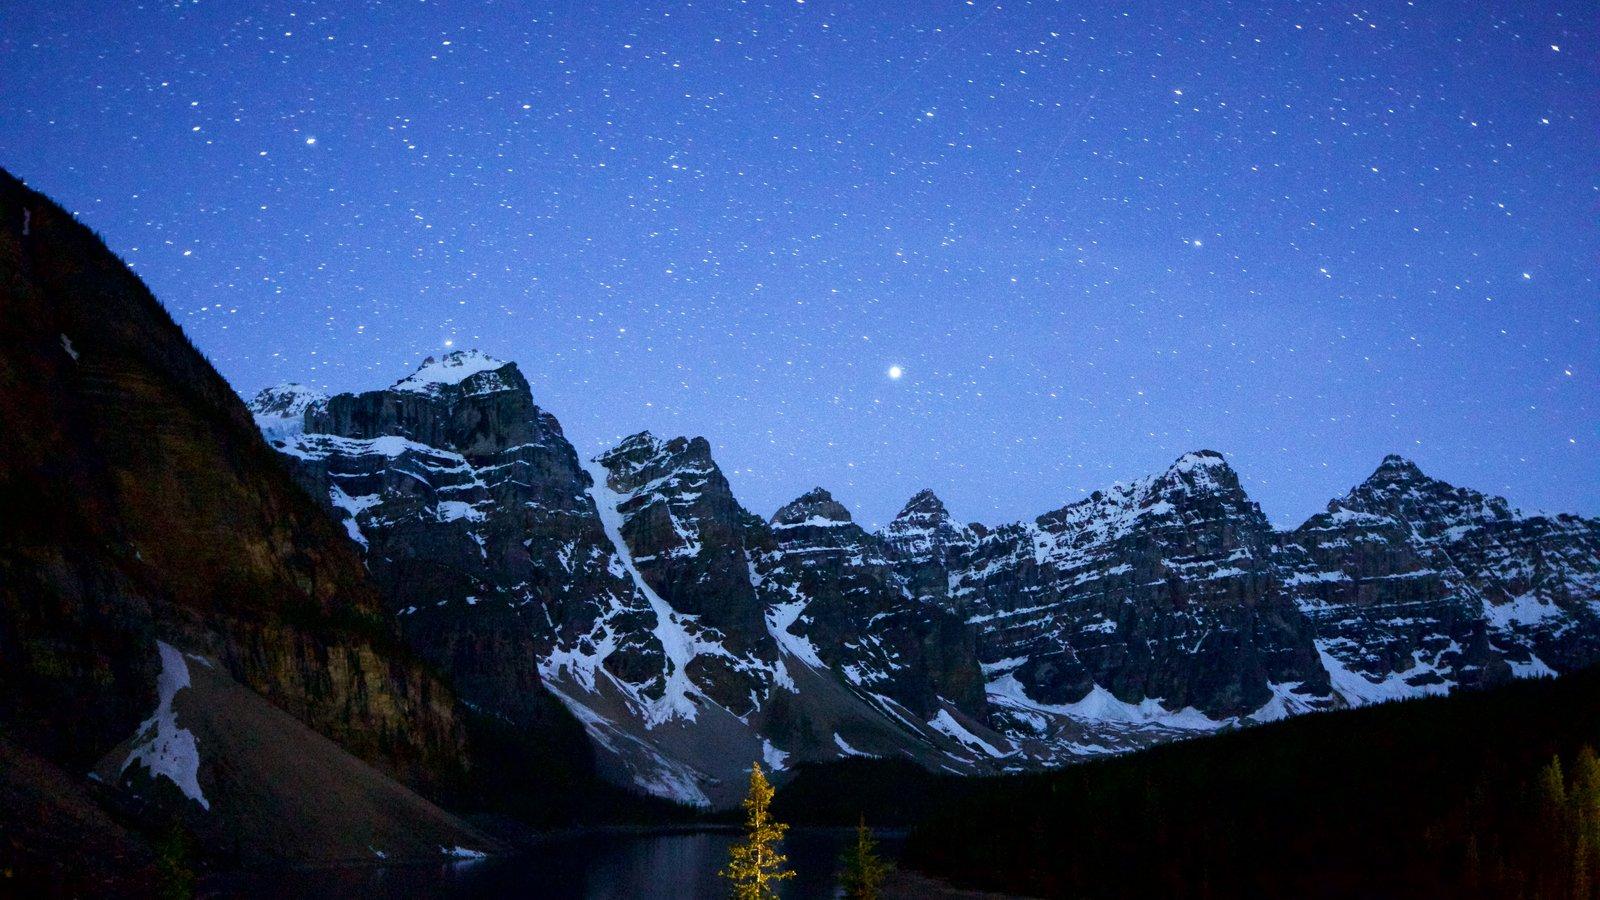 Lago Moraine que incluye escenas nocturnas, montañas y nieve